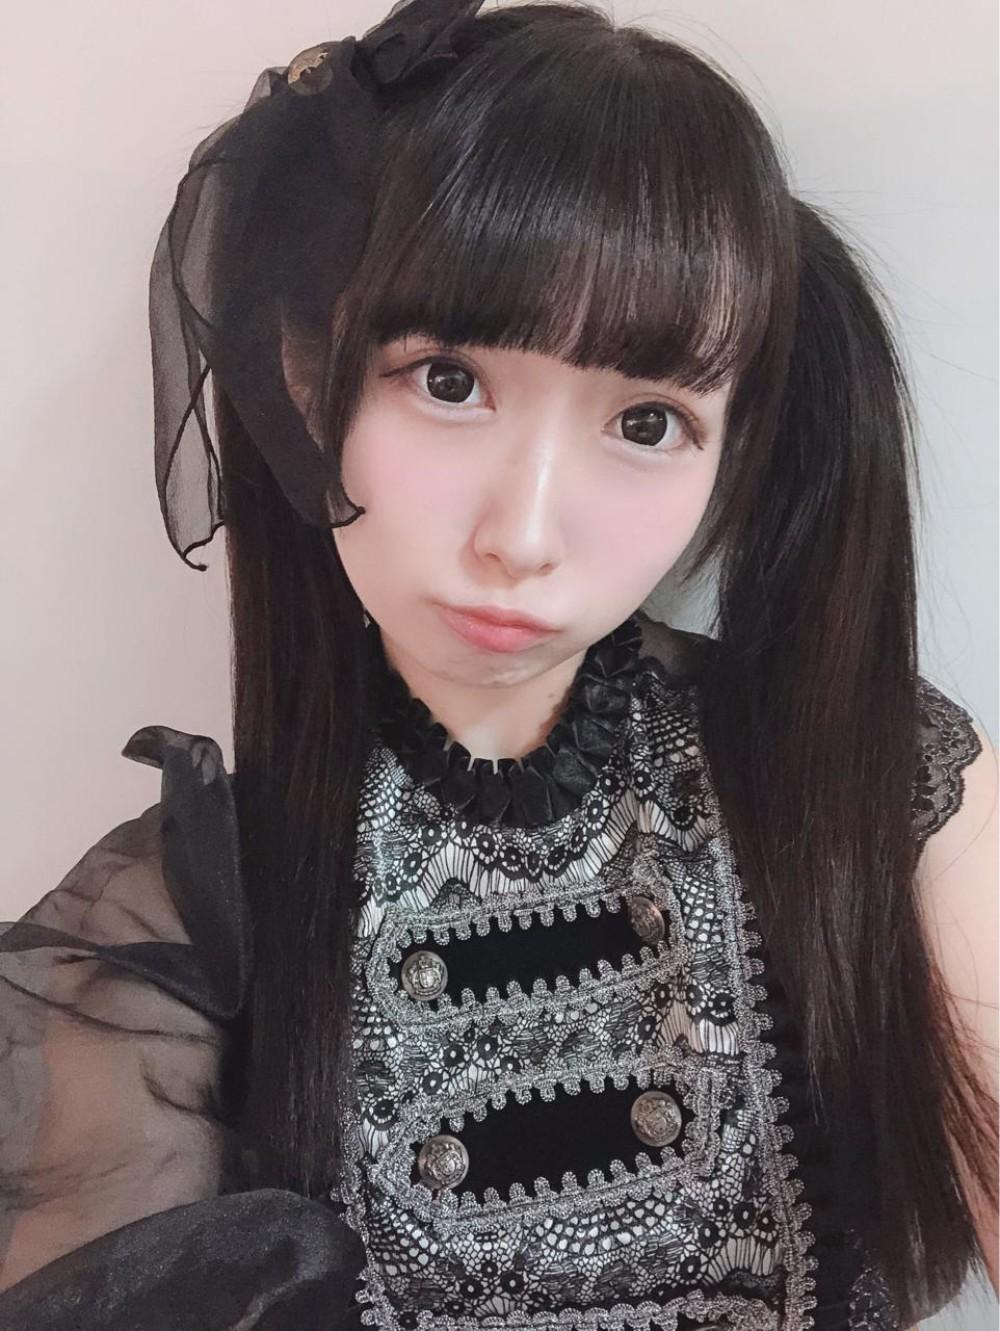 姫ノ愛花@君に、胸キュン。(愛花 )